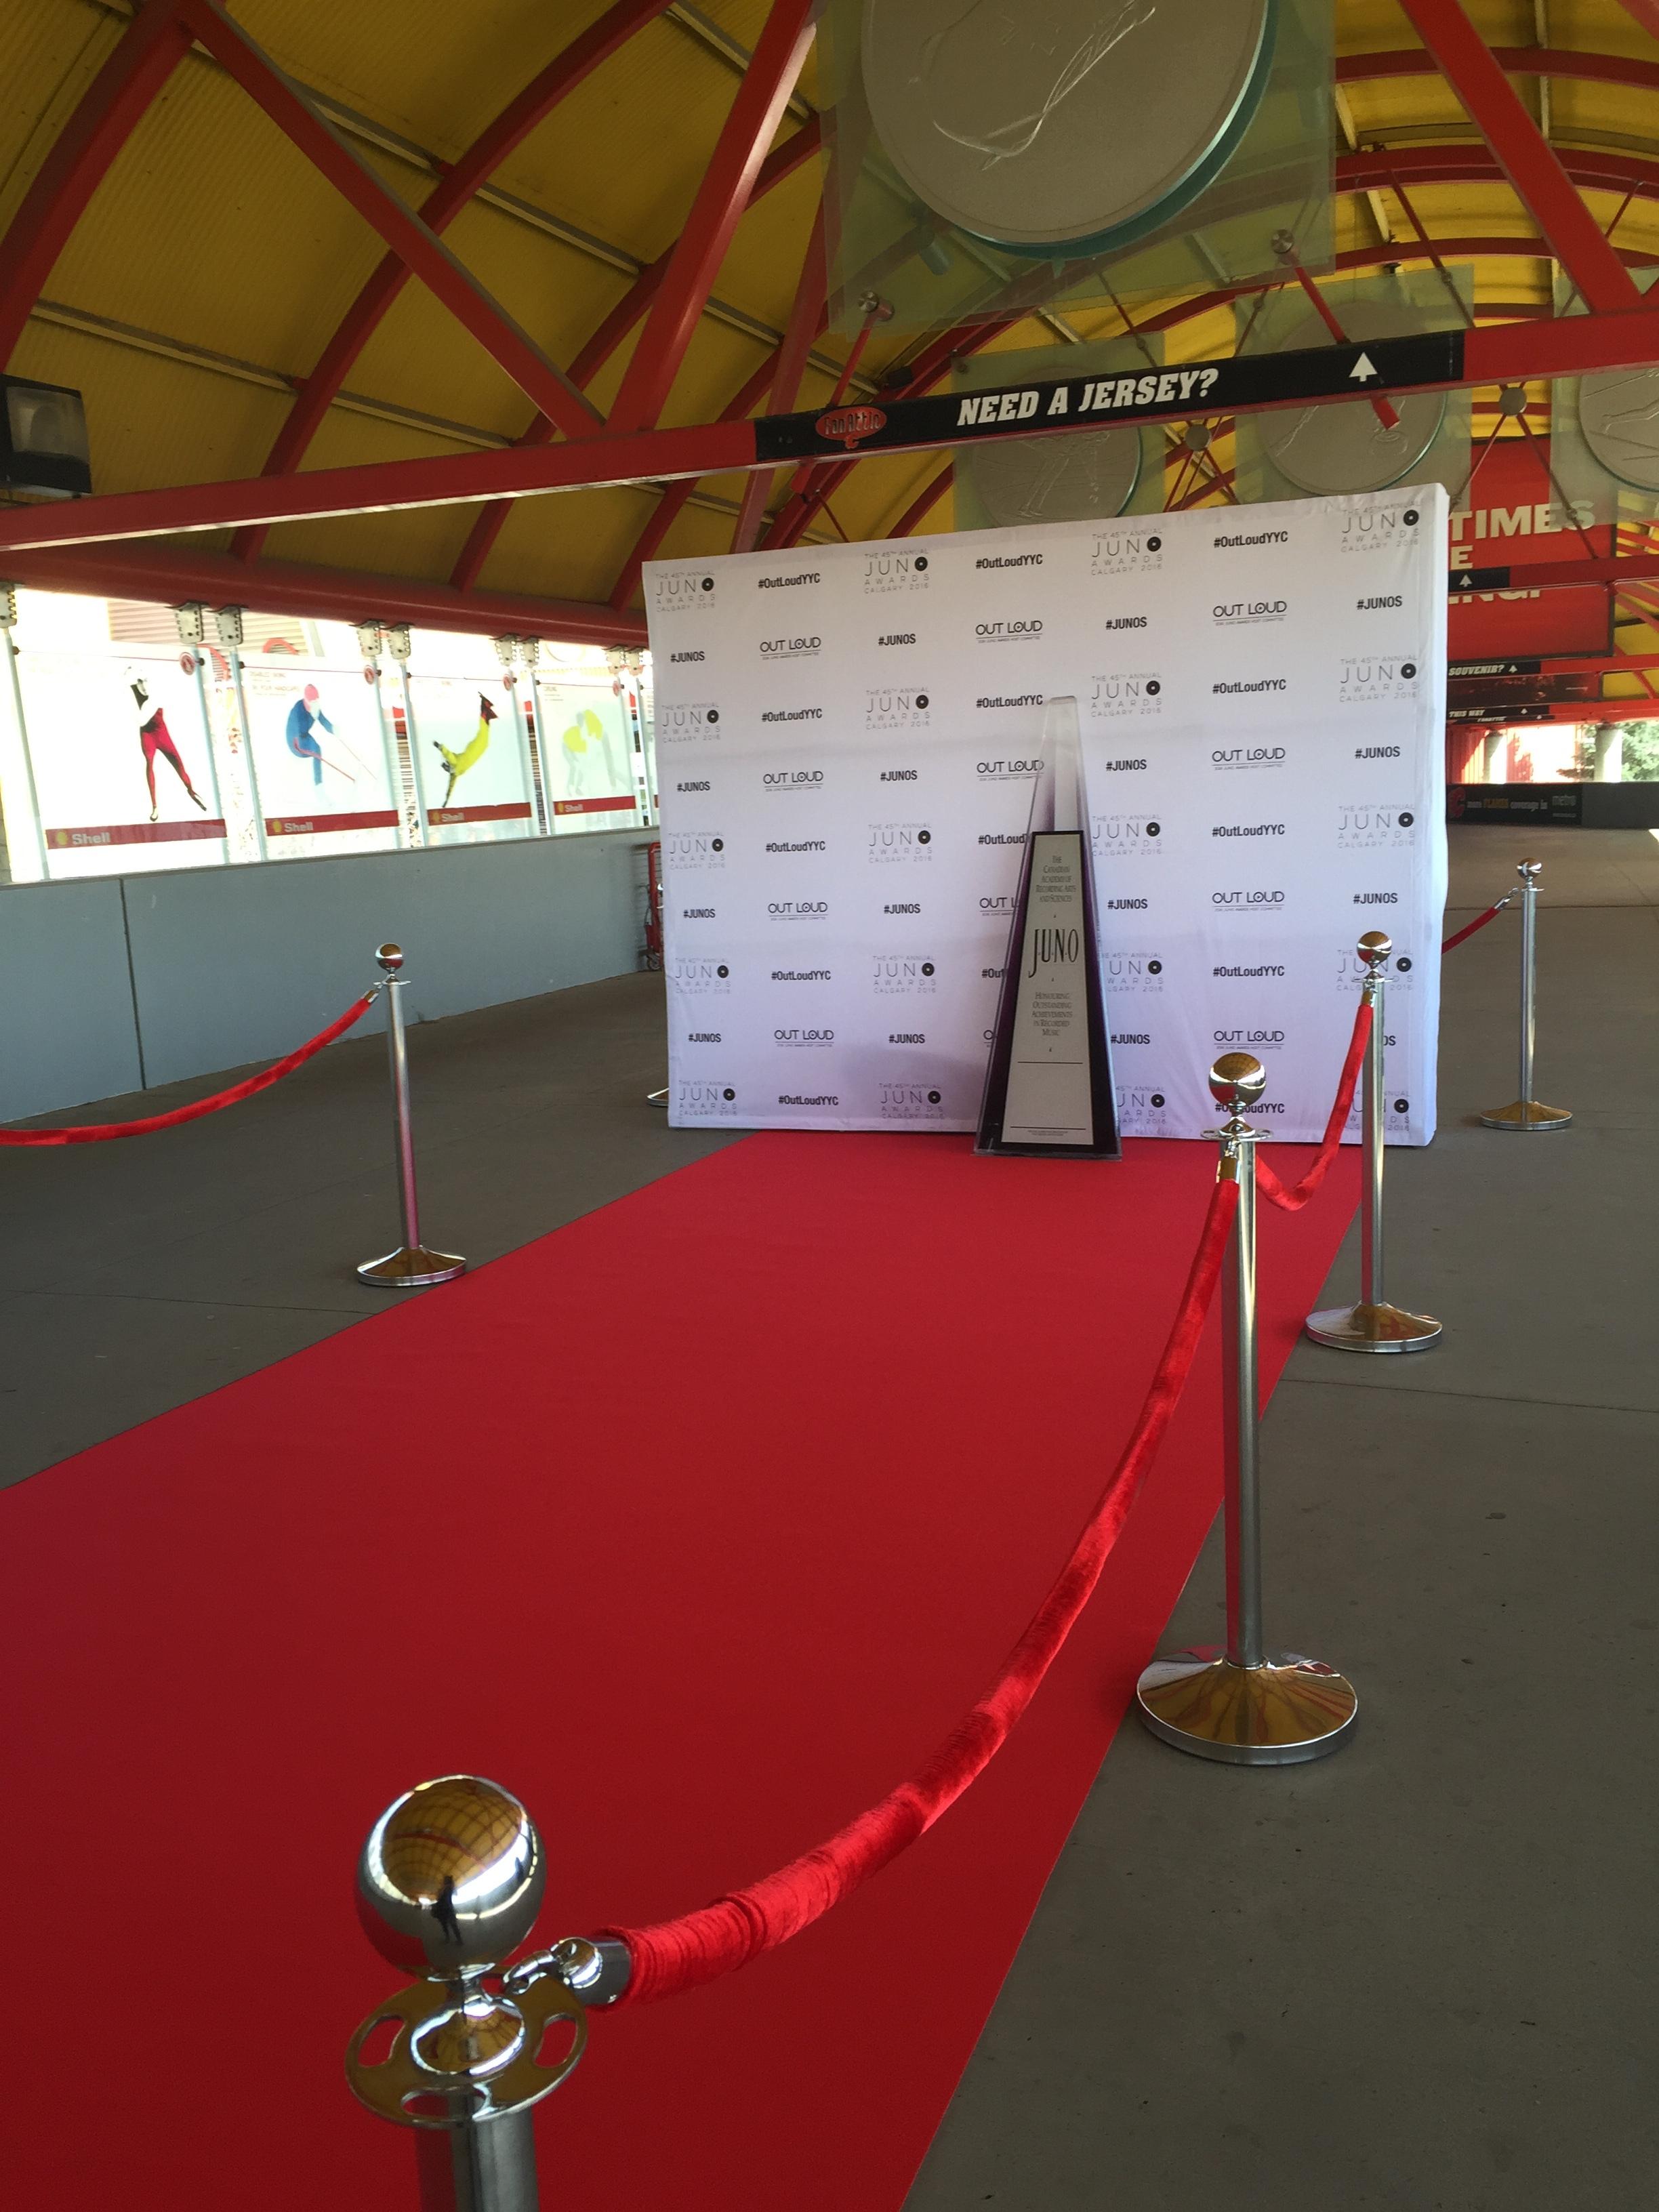 Public Red Carpet for fans